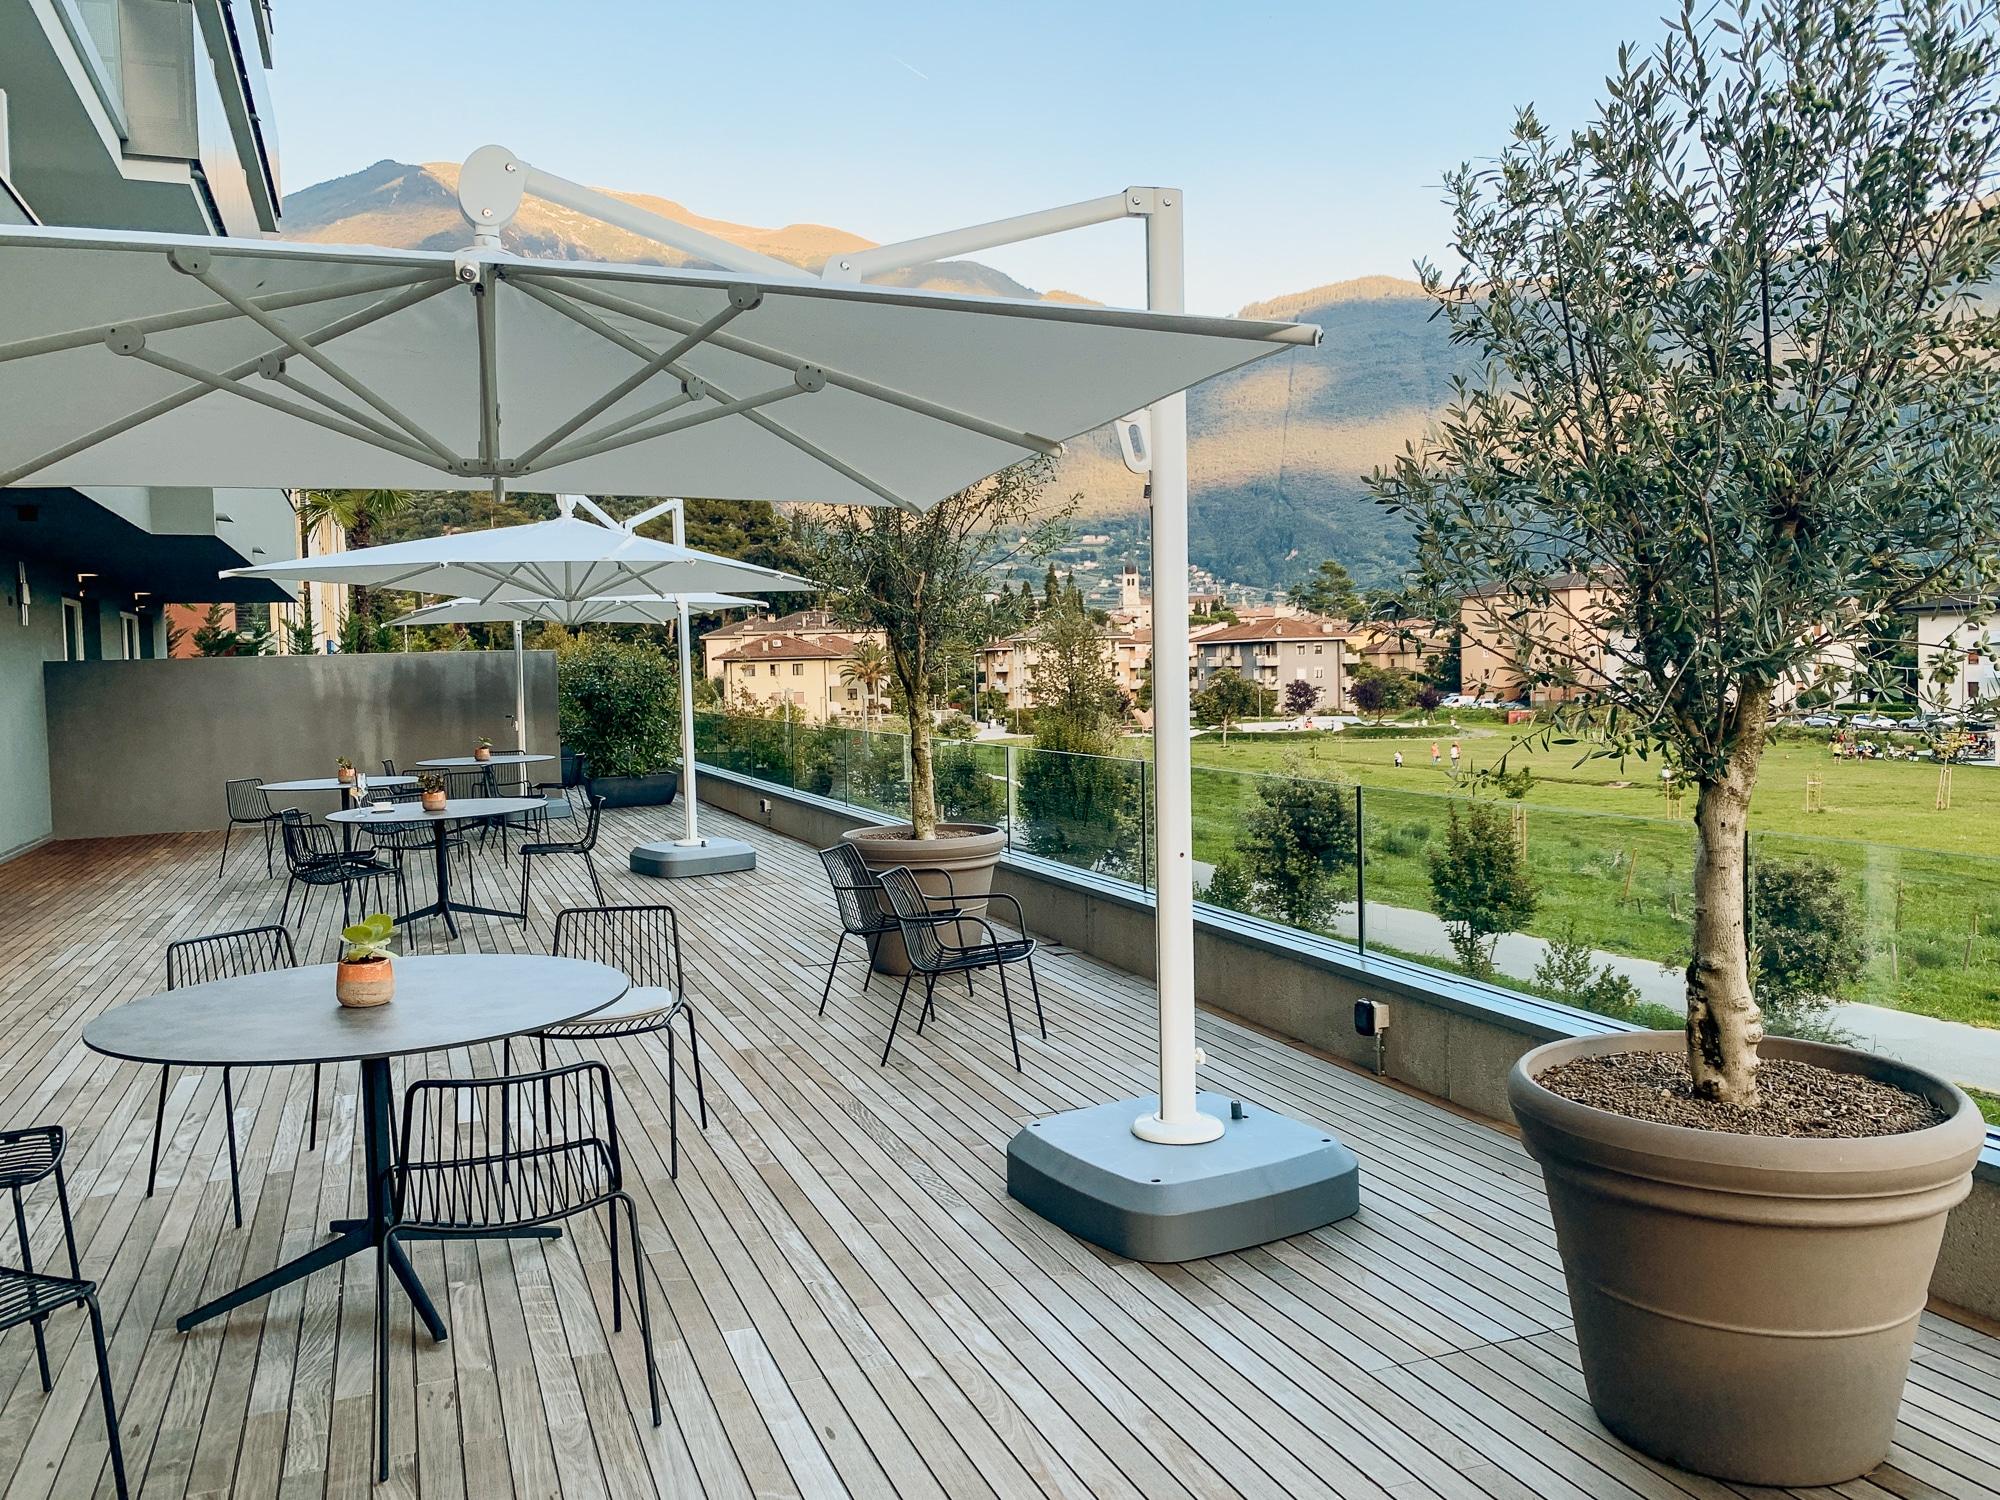 Hoody Hotel: Meine Erfahrungen im Gardasee Active & Happiness Hotel - Terrasse